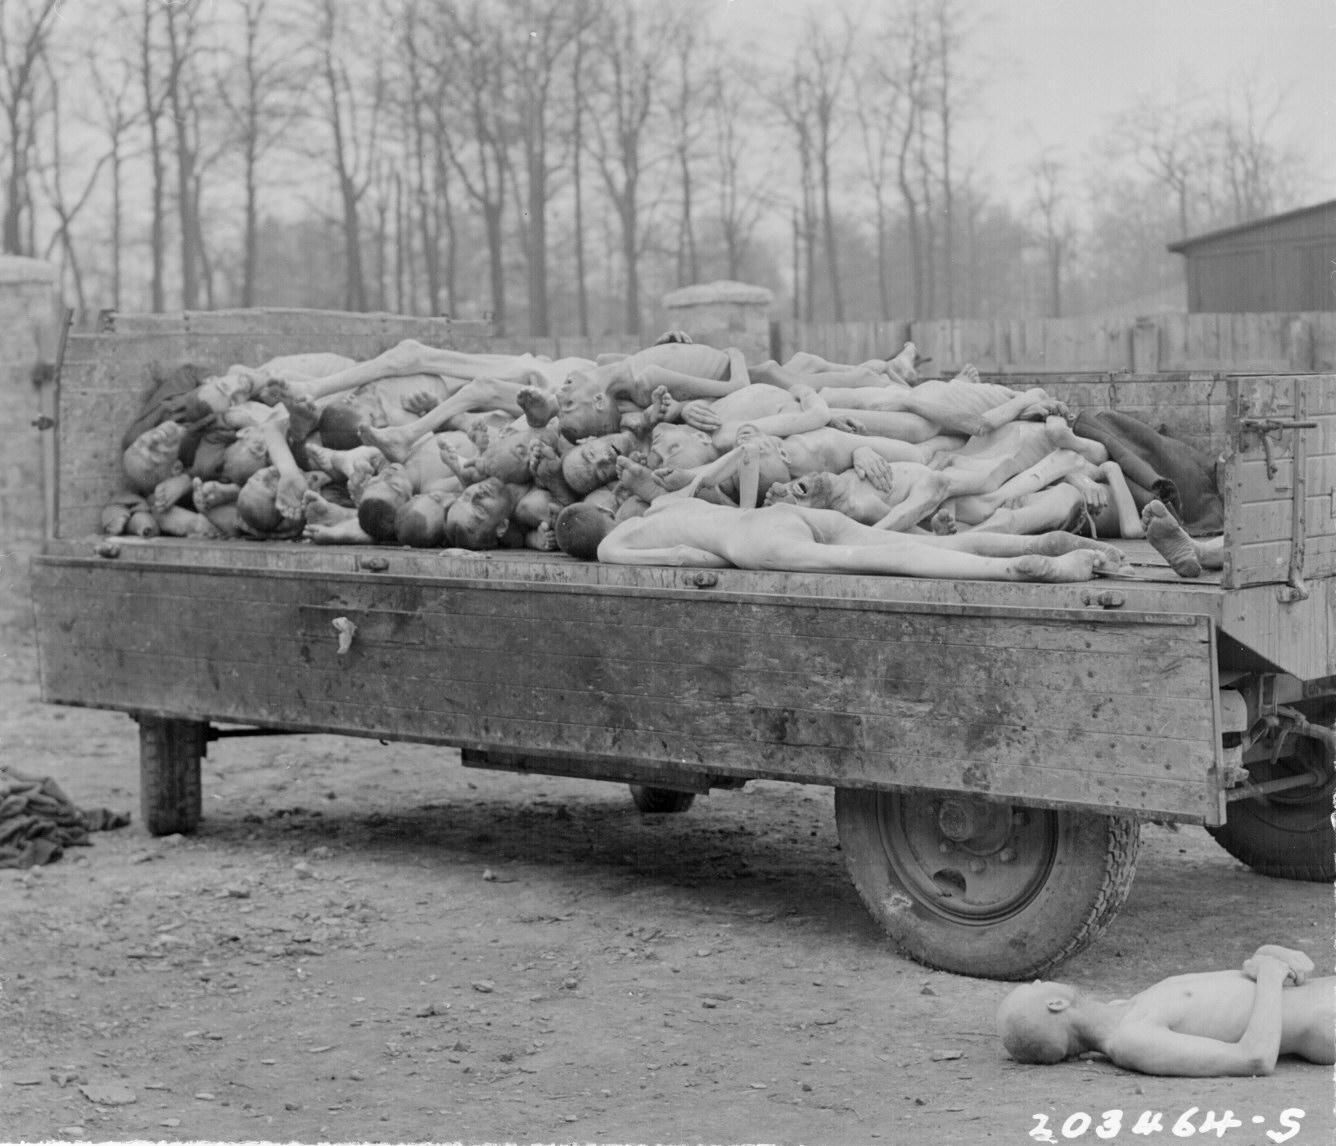 Victims at Buchenwald Camp